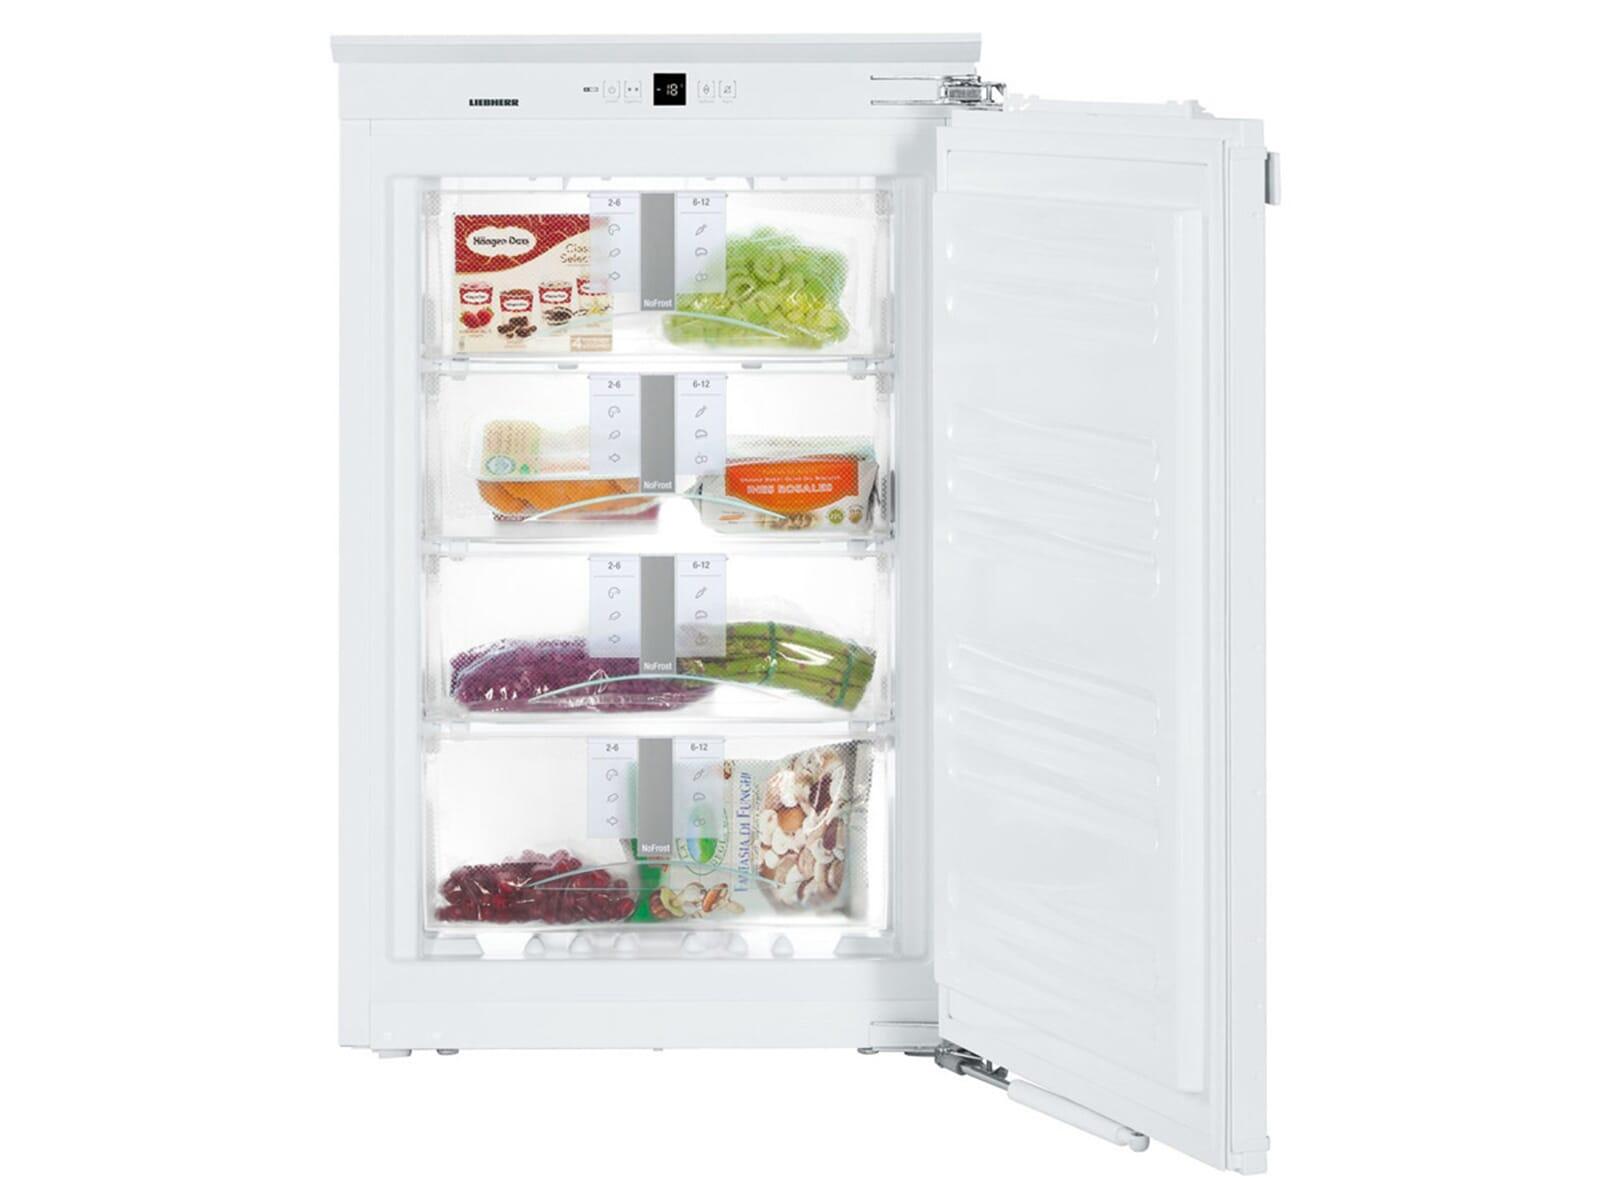 Kühlschrank No Frost : Einbau kühlschrank no frost liebherr einbaukühlschrank uk 1720 81